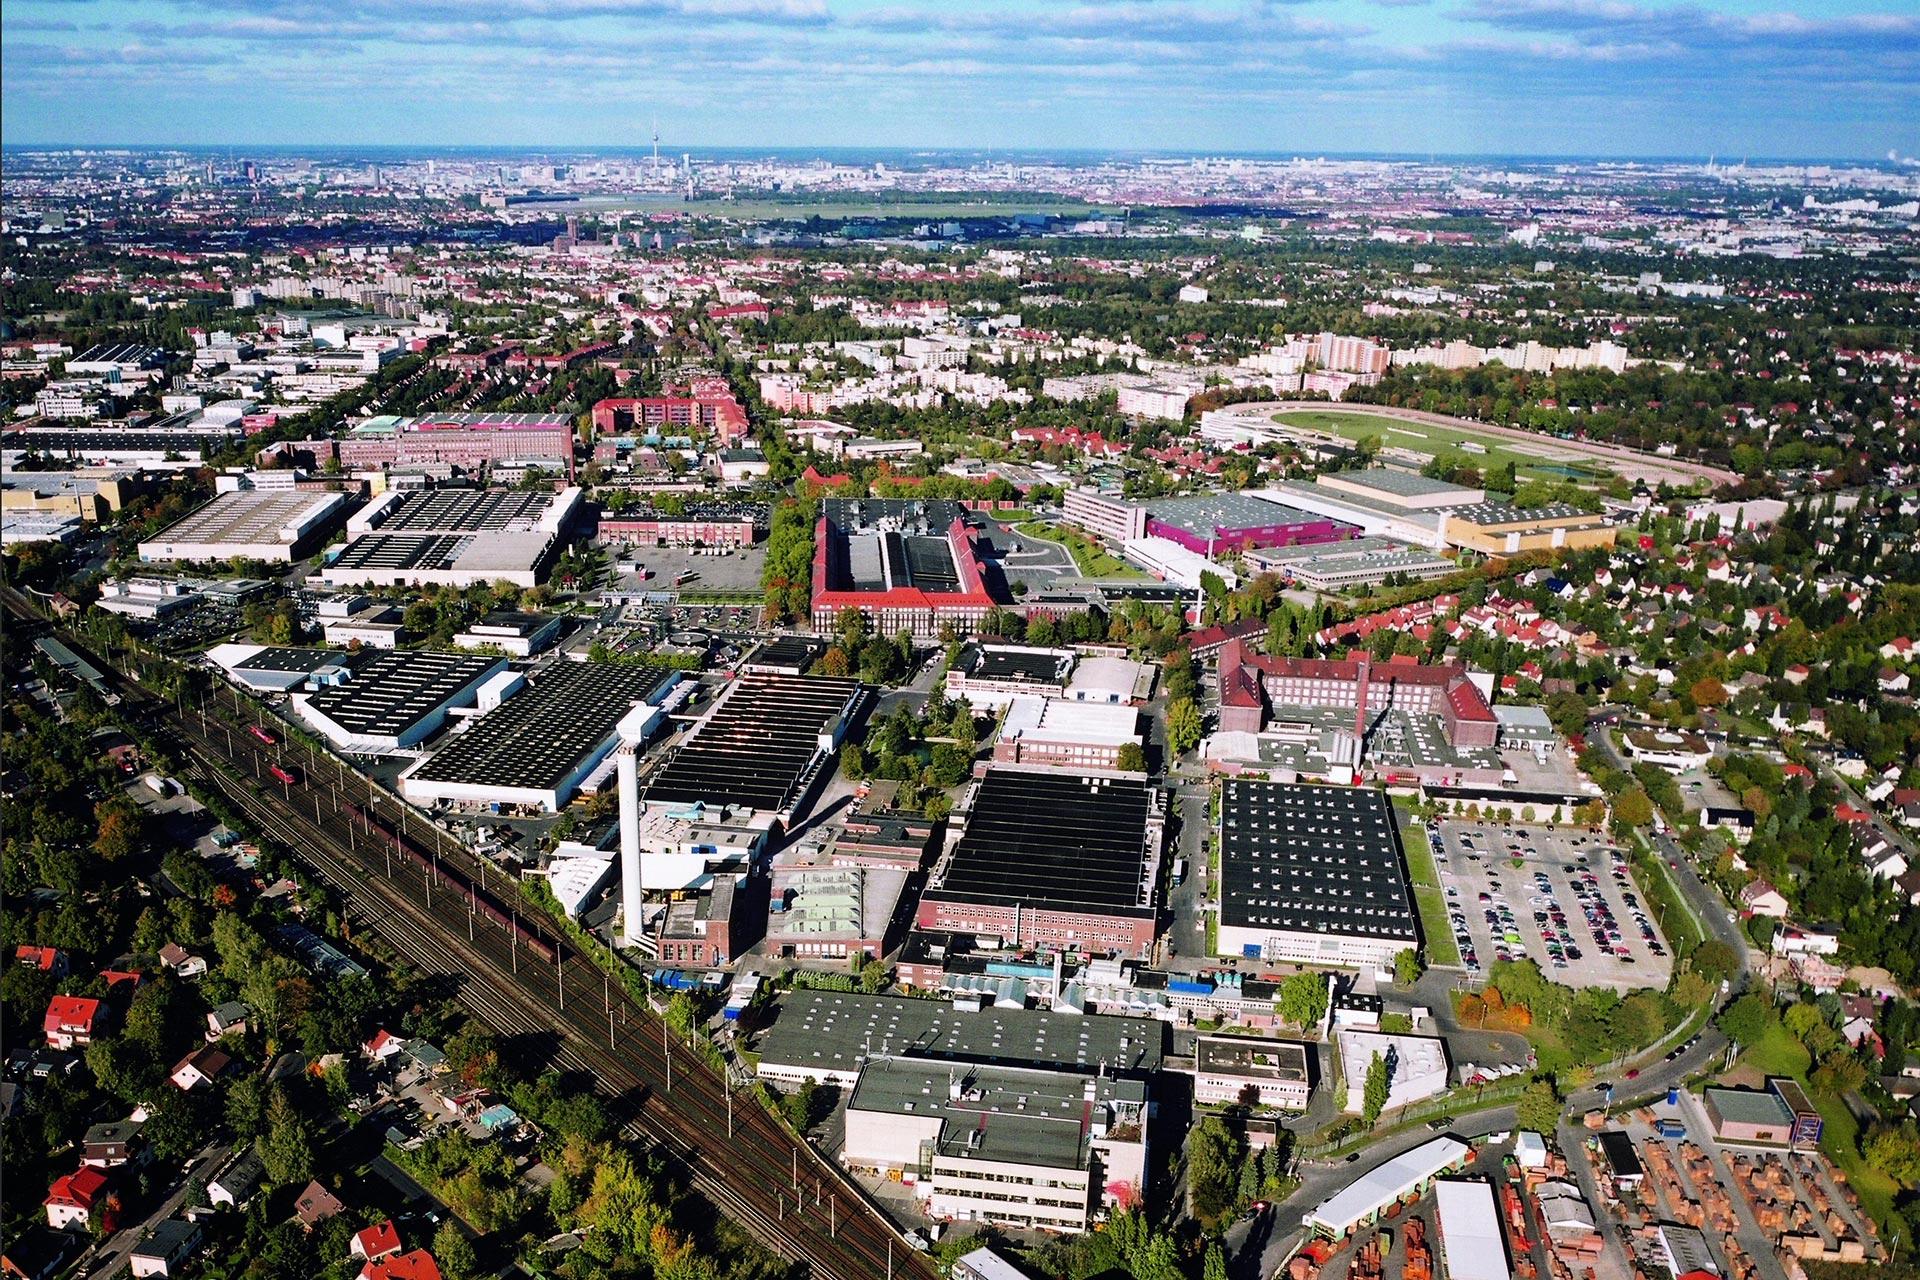 Der Standort Berlin-Marienfelde wird zum Kompetenzzentrum für Digitalisierung im globalen Mercedes-Benz Produktionsnetzwerk. Der Fokus liegt auf der Entwicklung und Implementierung von MO360, dem digitalen Mercedes-Benz Produktions-Ökosystem.